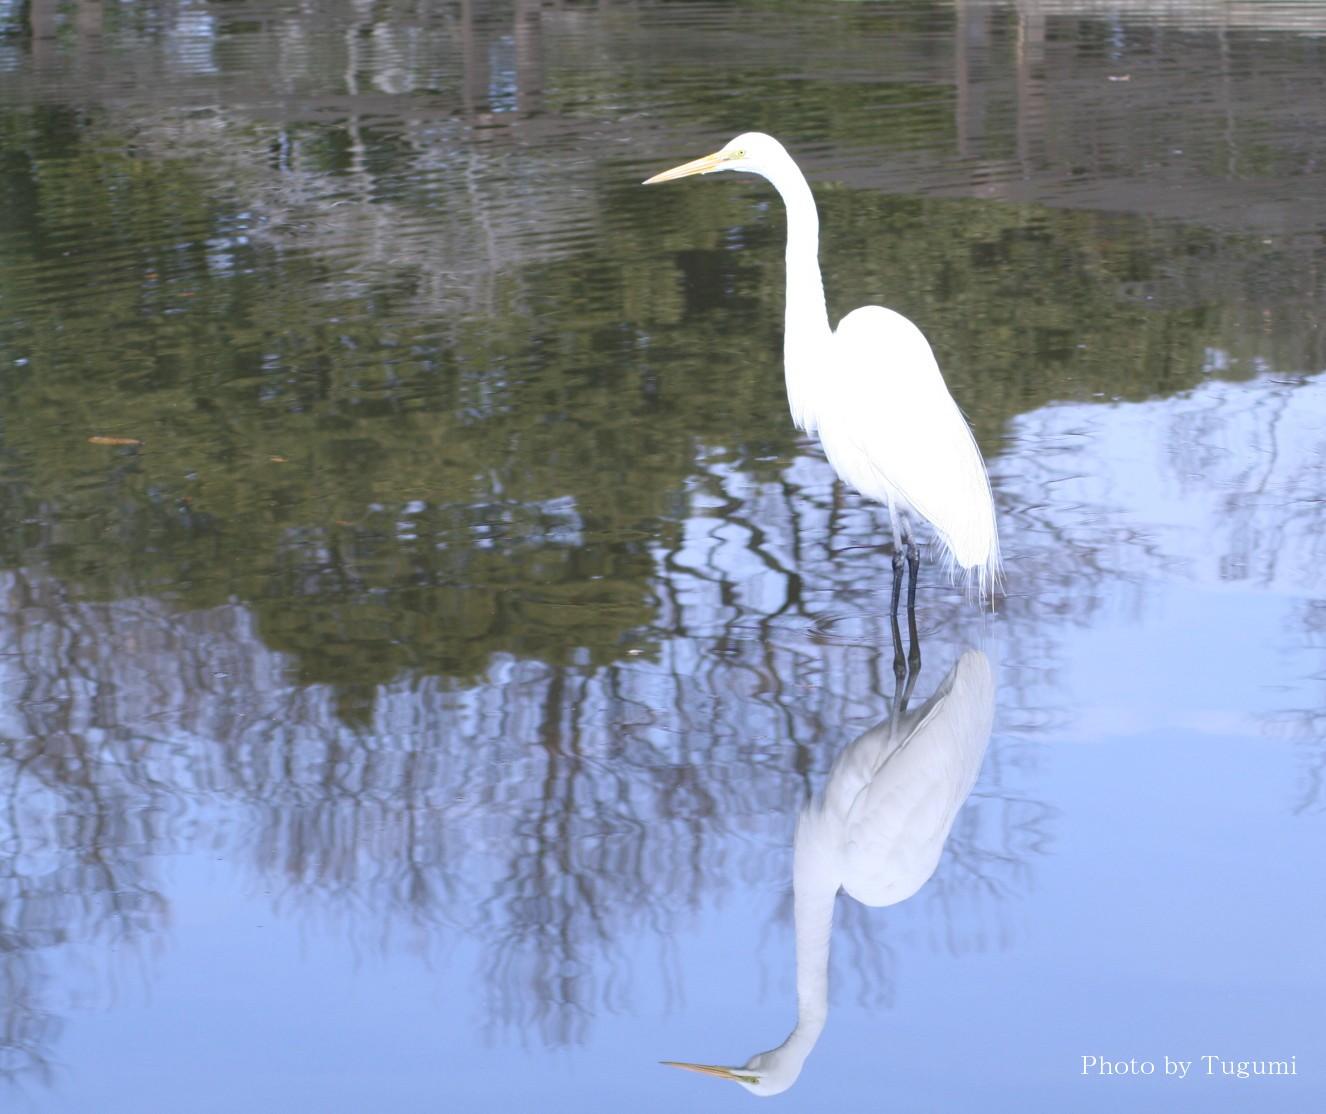 白鷺(ダイサギ)を観る_f0037633_2061735.jpg